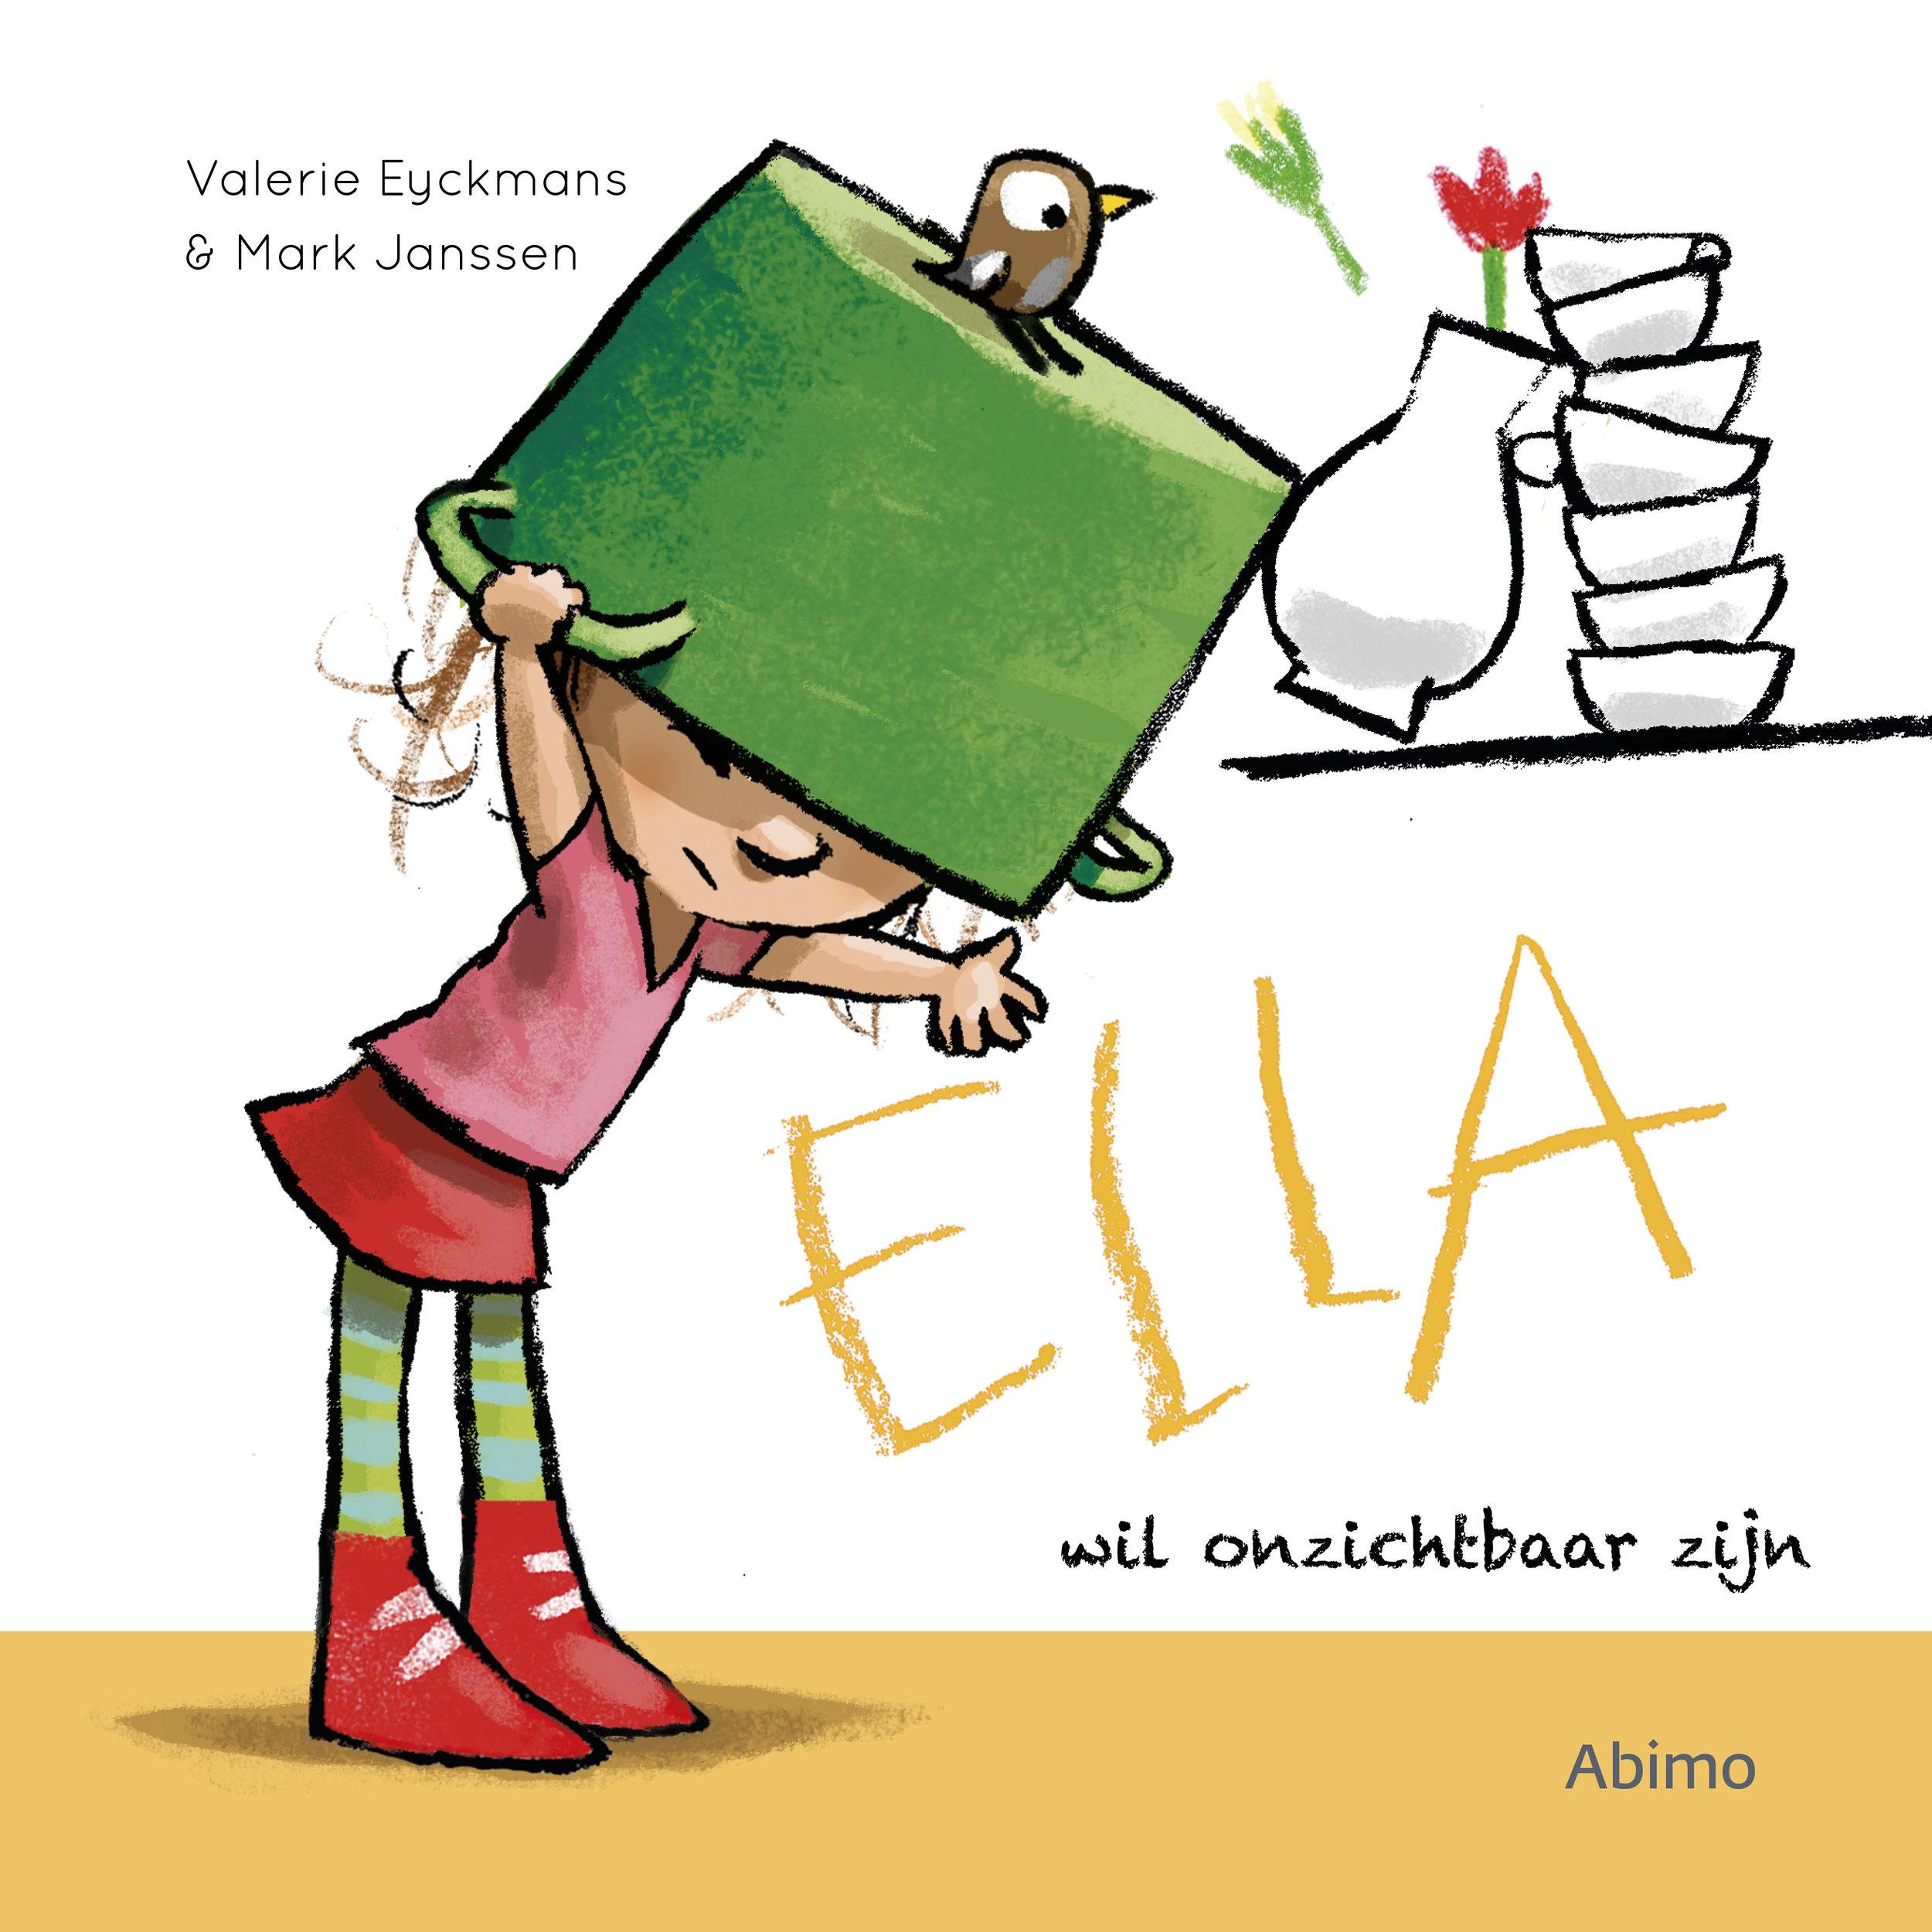 Ella wil onzichtbaar zijn